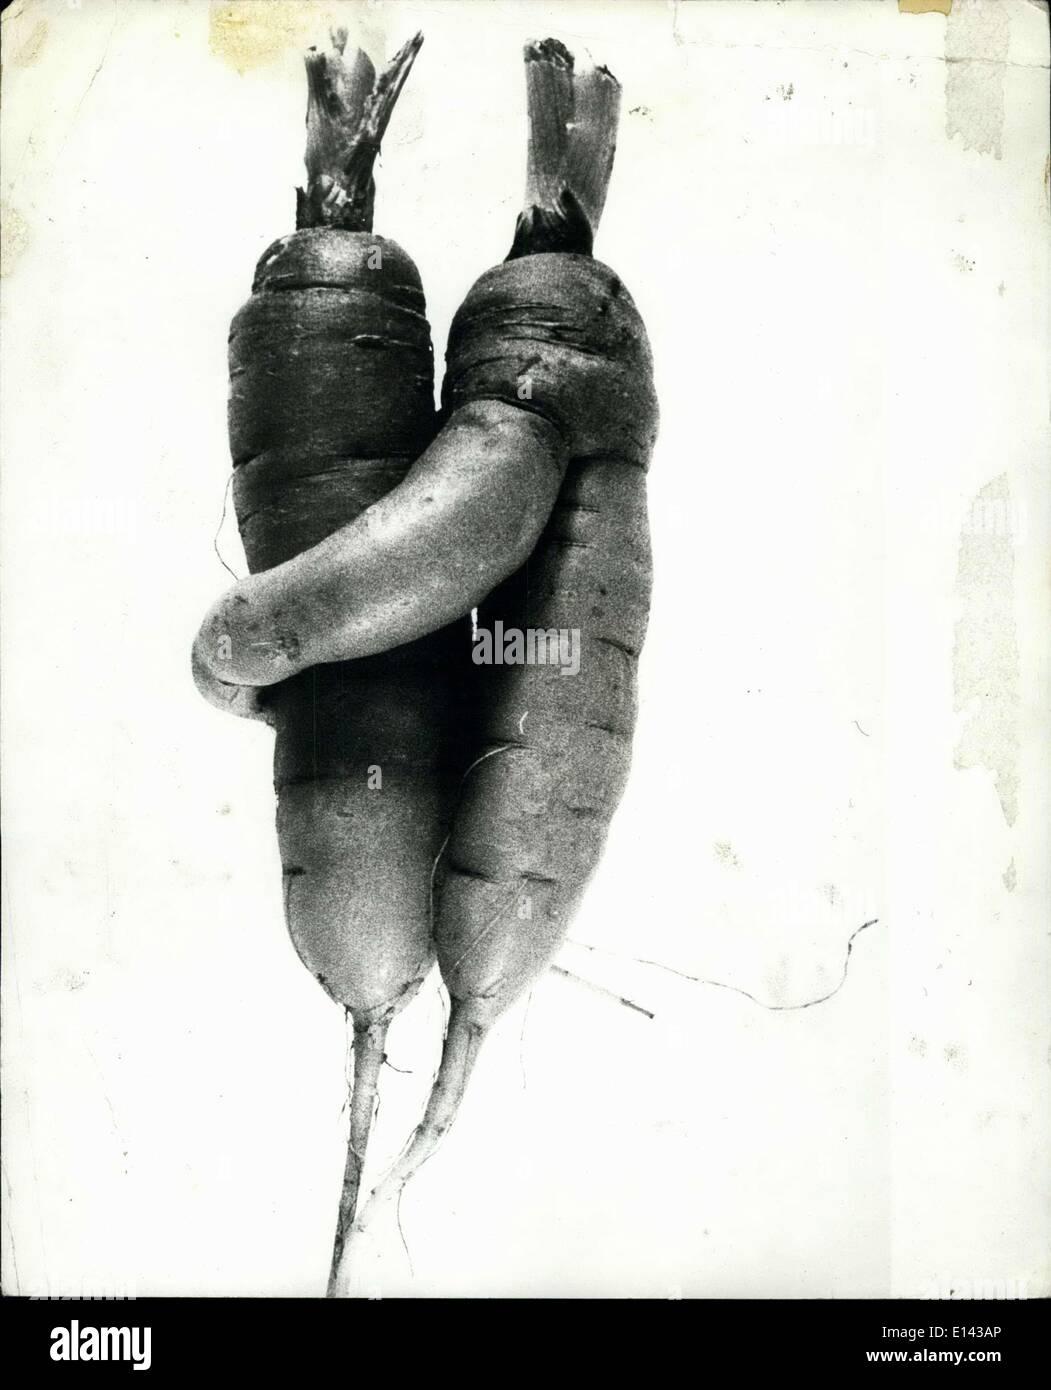 Apr. 04, 2012 - Carote nell'amore. Essa può essere solo la natura poco scherzo ma questi due carote scavato recentemente in Svizzera davvero sembrano caduti per ogni altro in un grande modo. Forse verrà loro che necessitano di una carota 24 anello di nozze. Immagini Stock